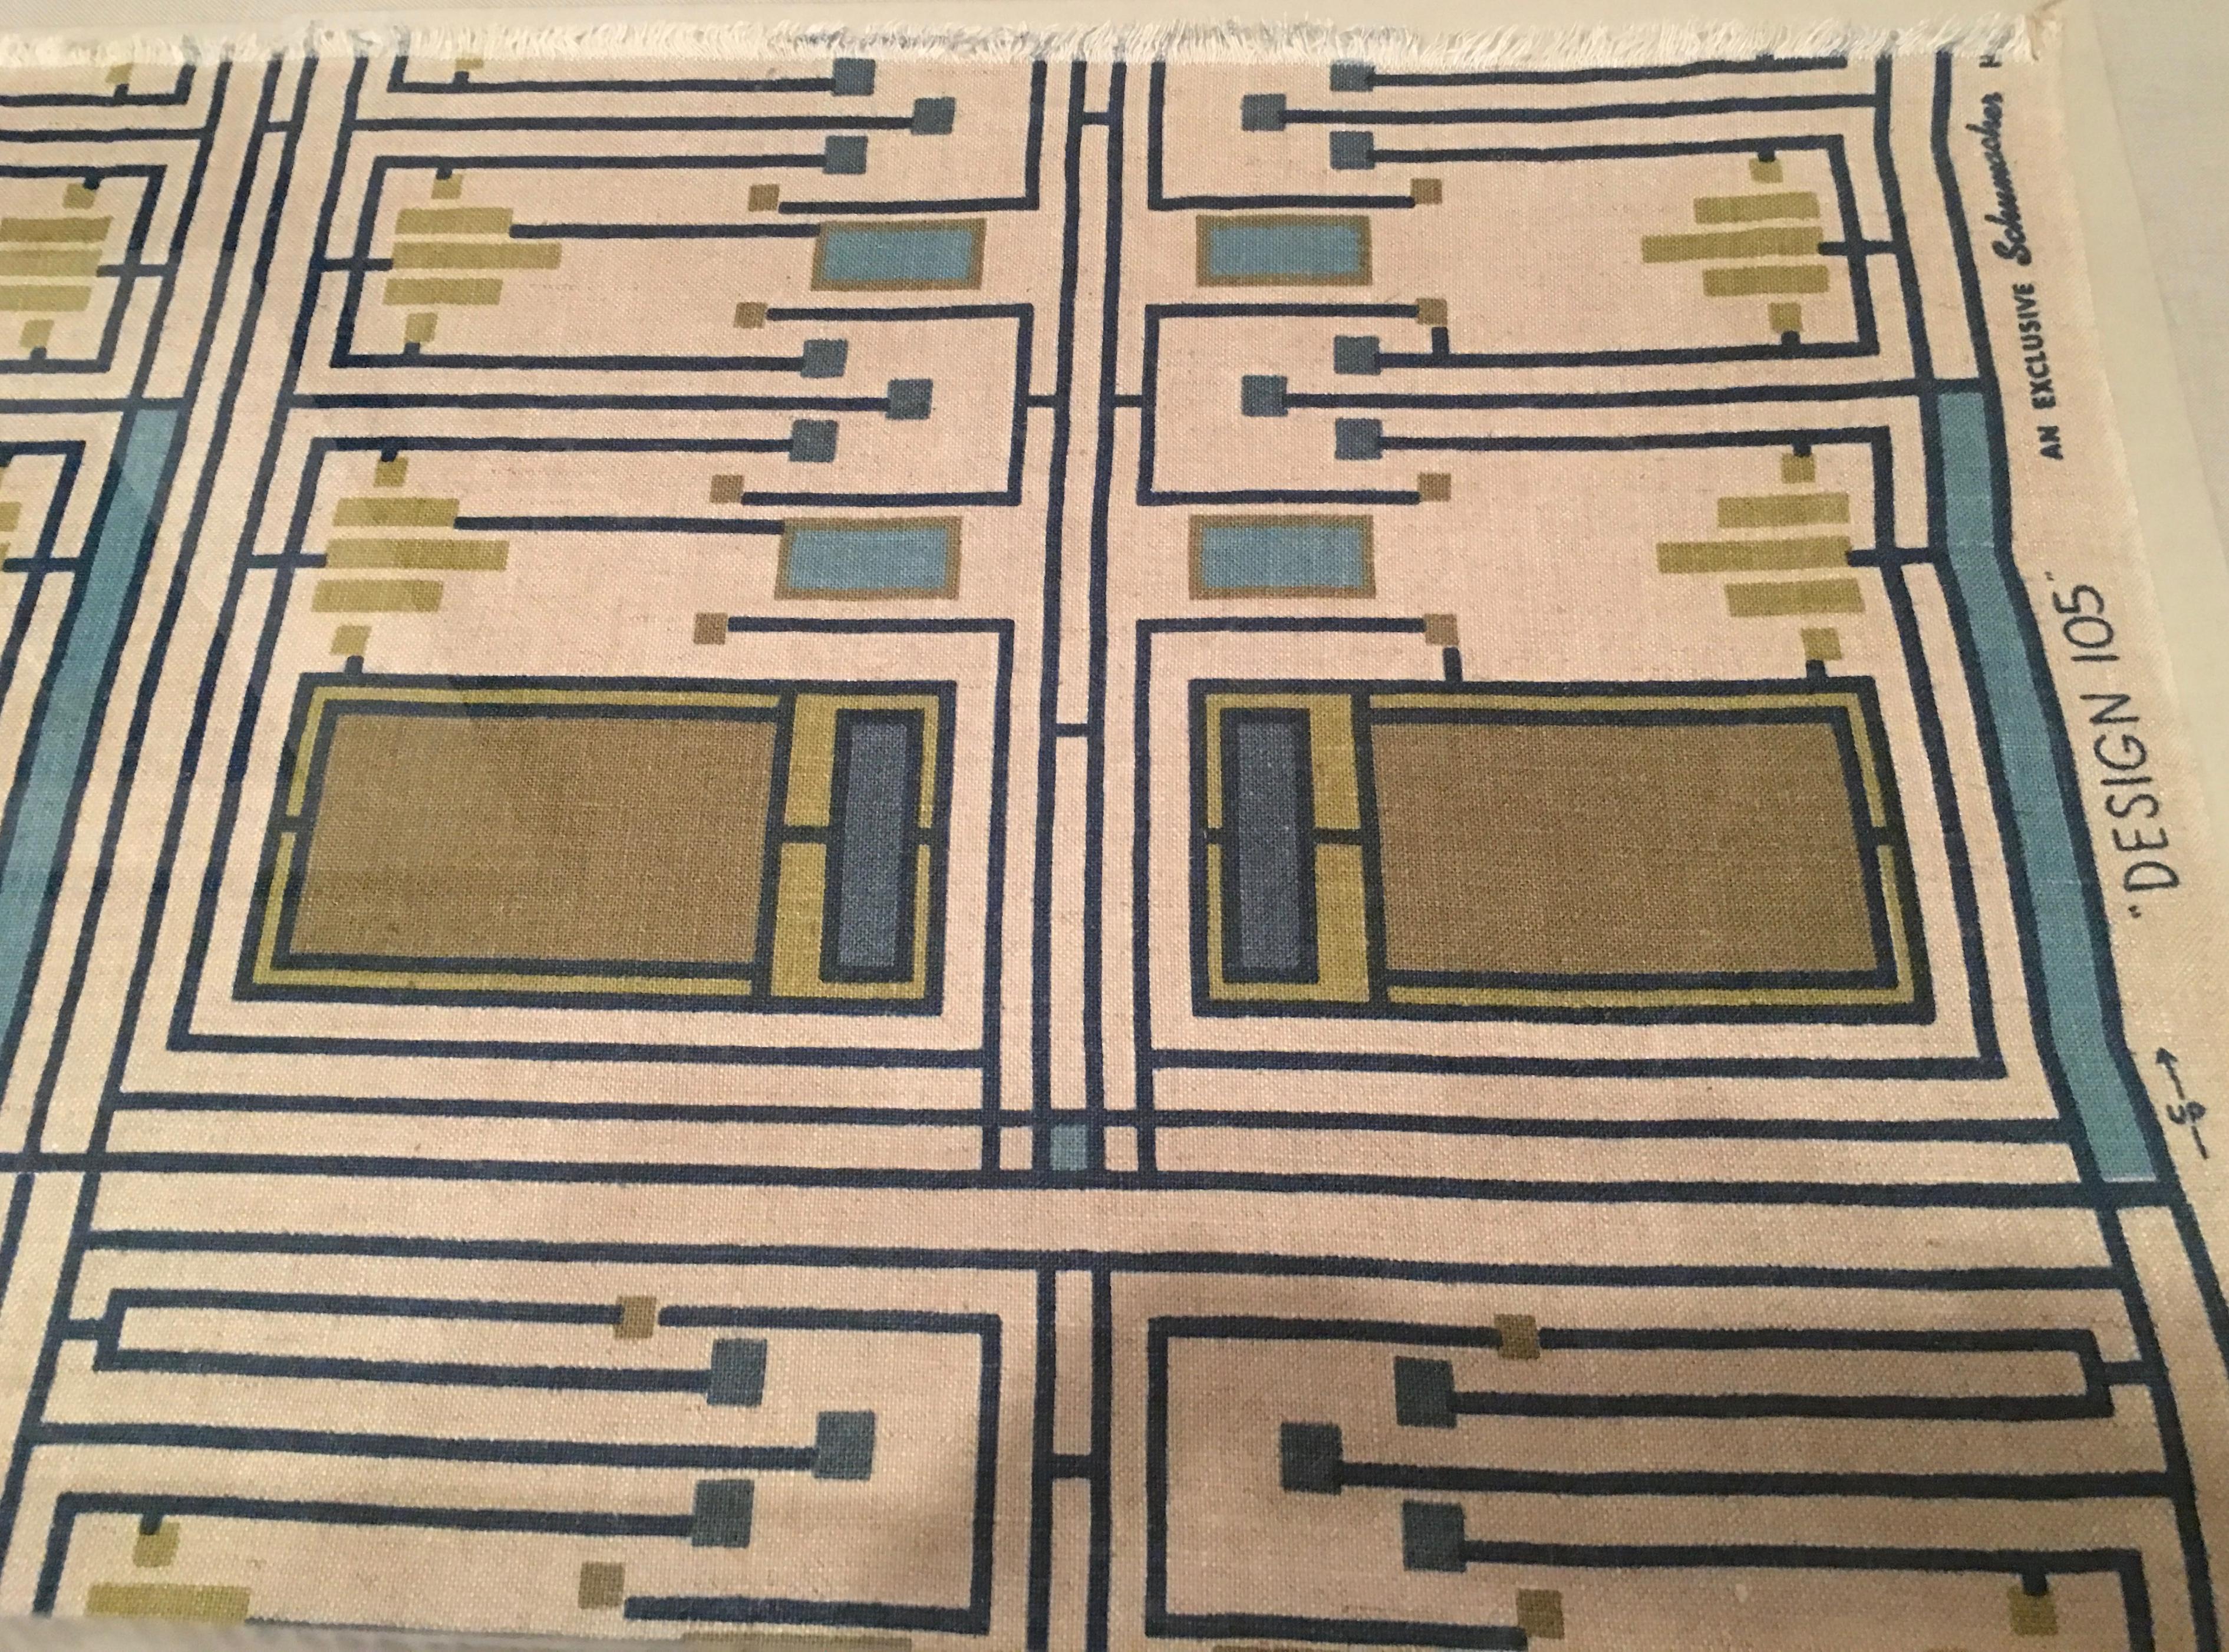 flw fabric